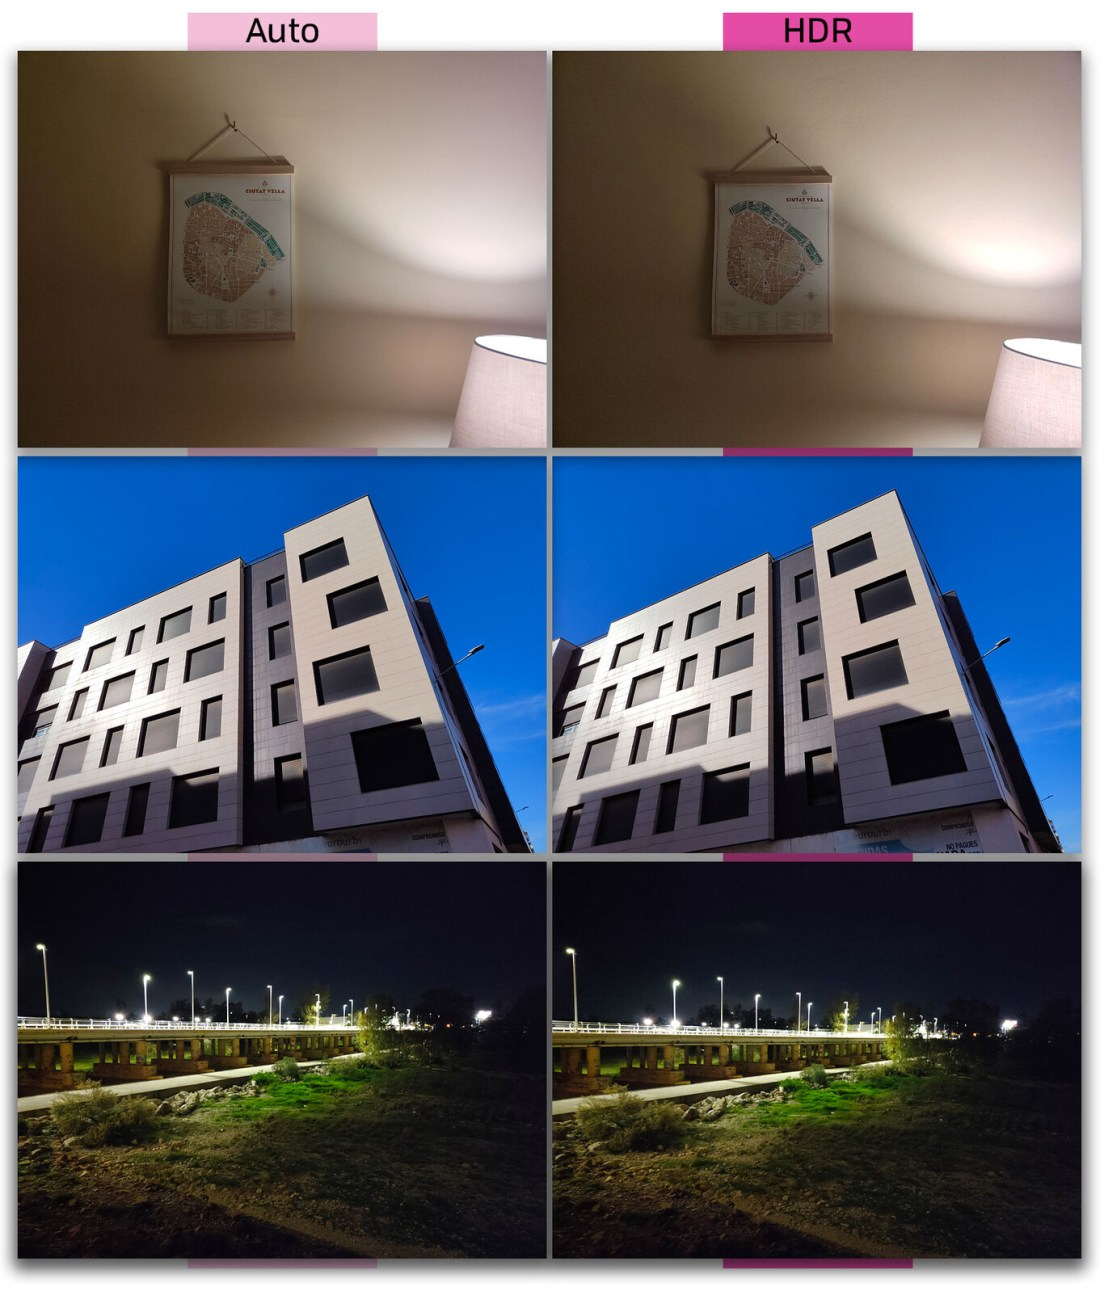 Realme 8 Pro Comparacion Hdr